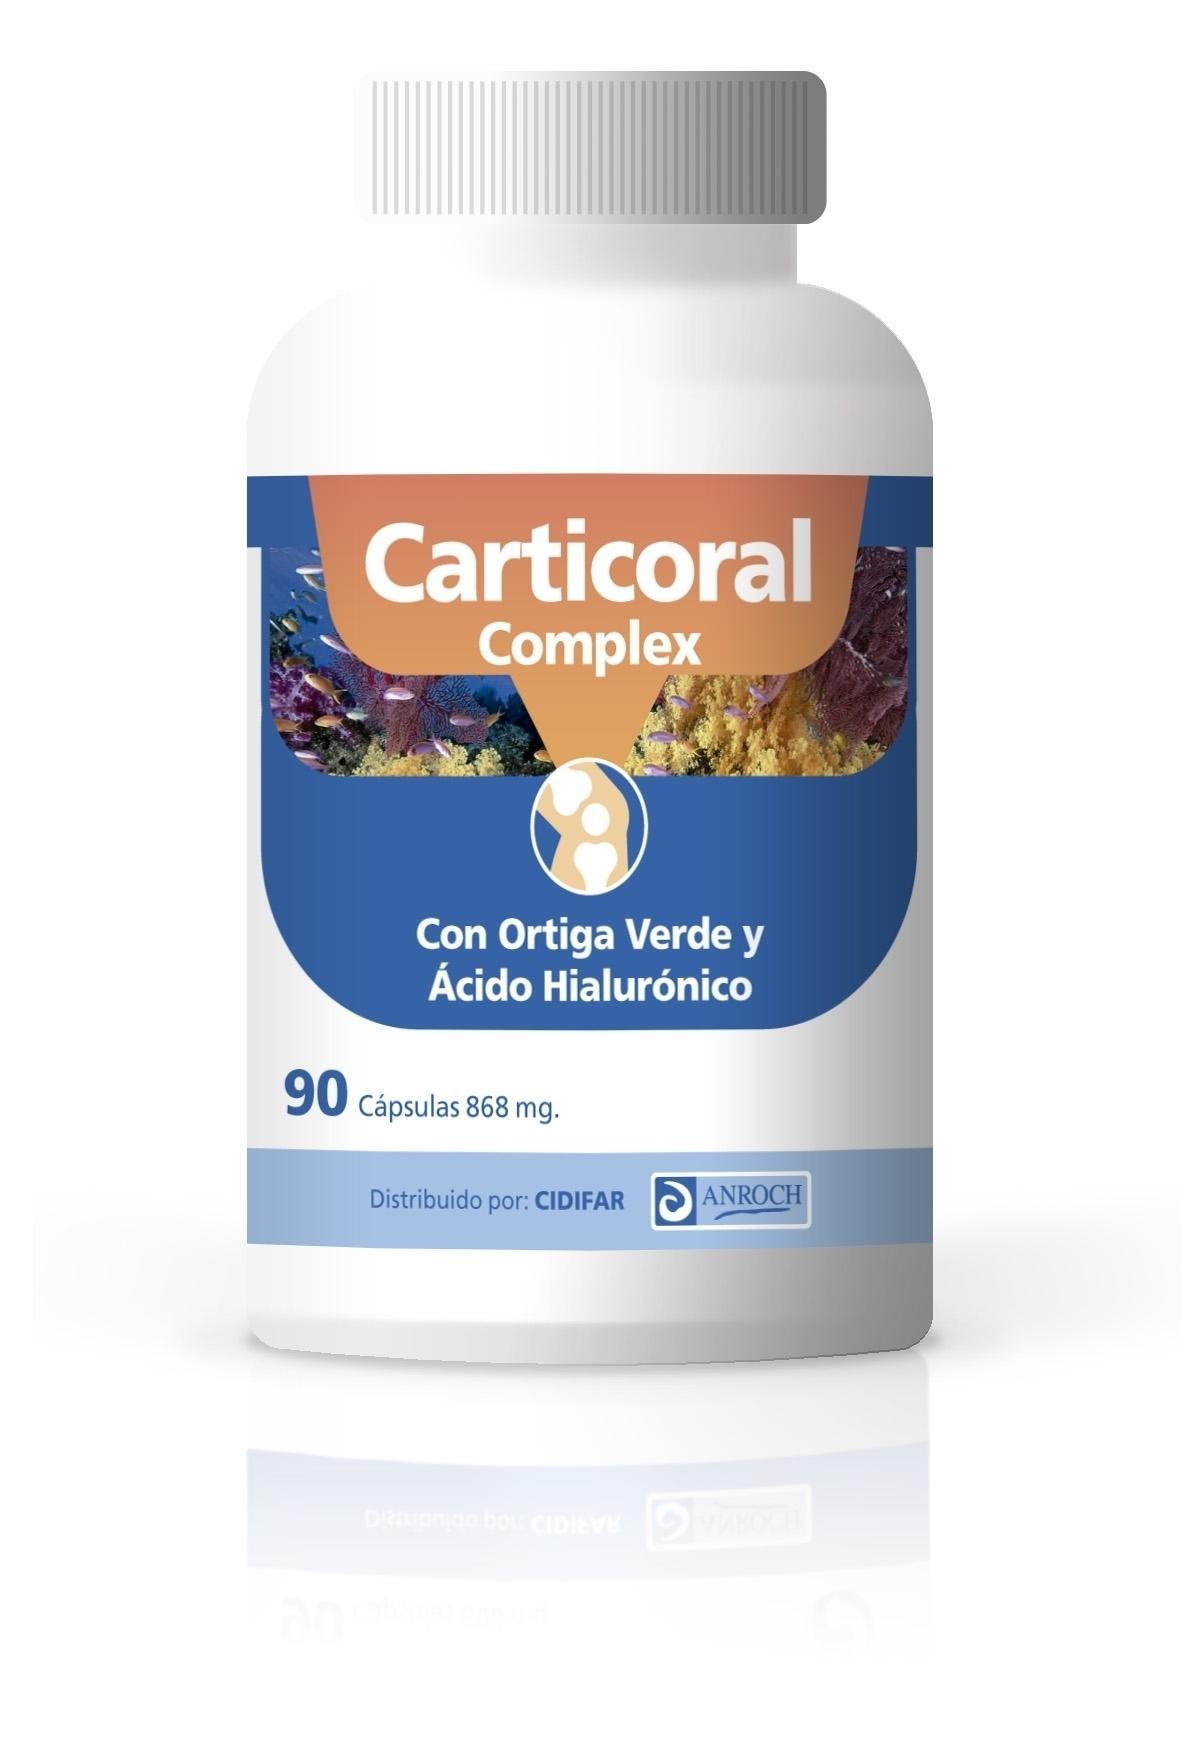 CARTICORAL COMPLEX, 90 cápsulas de 868 mg.